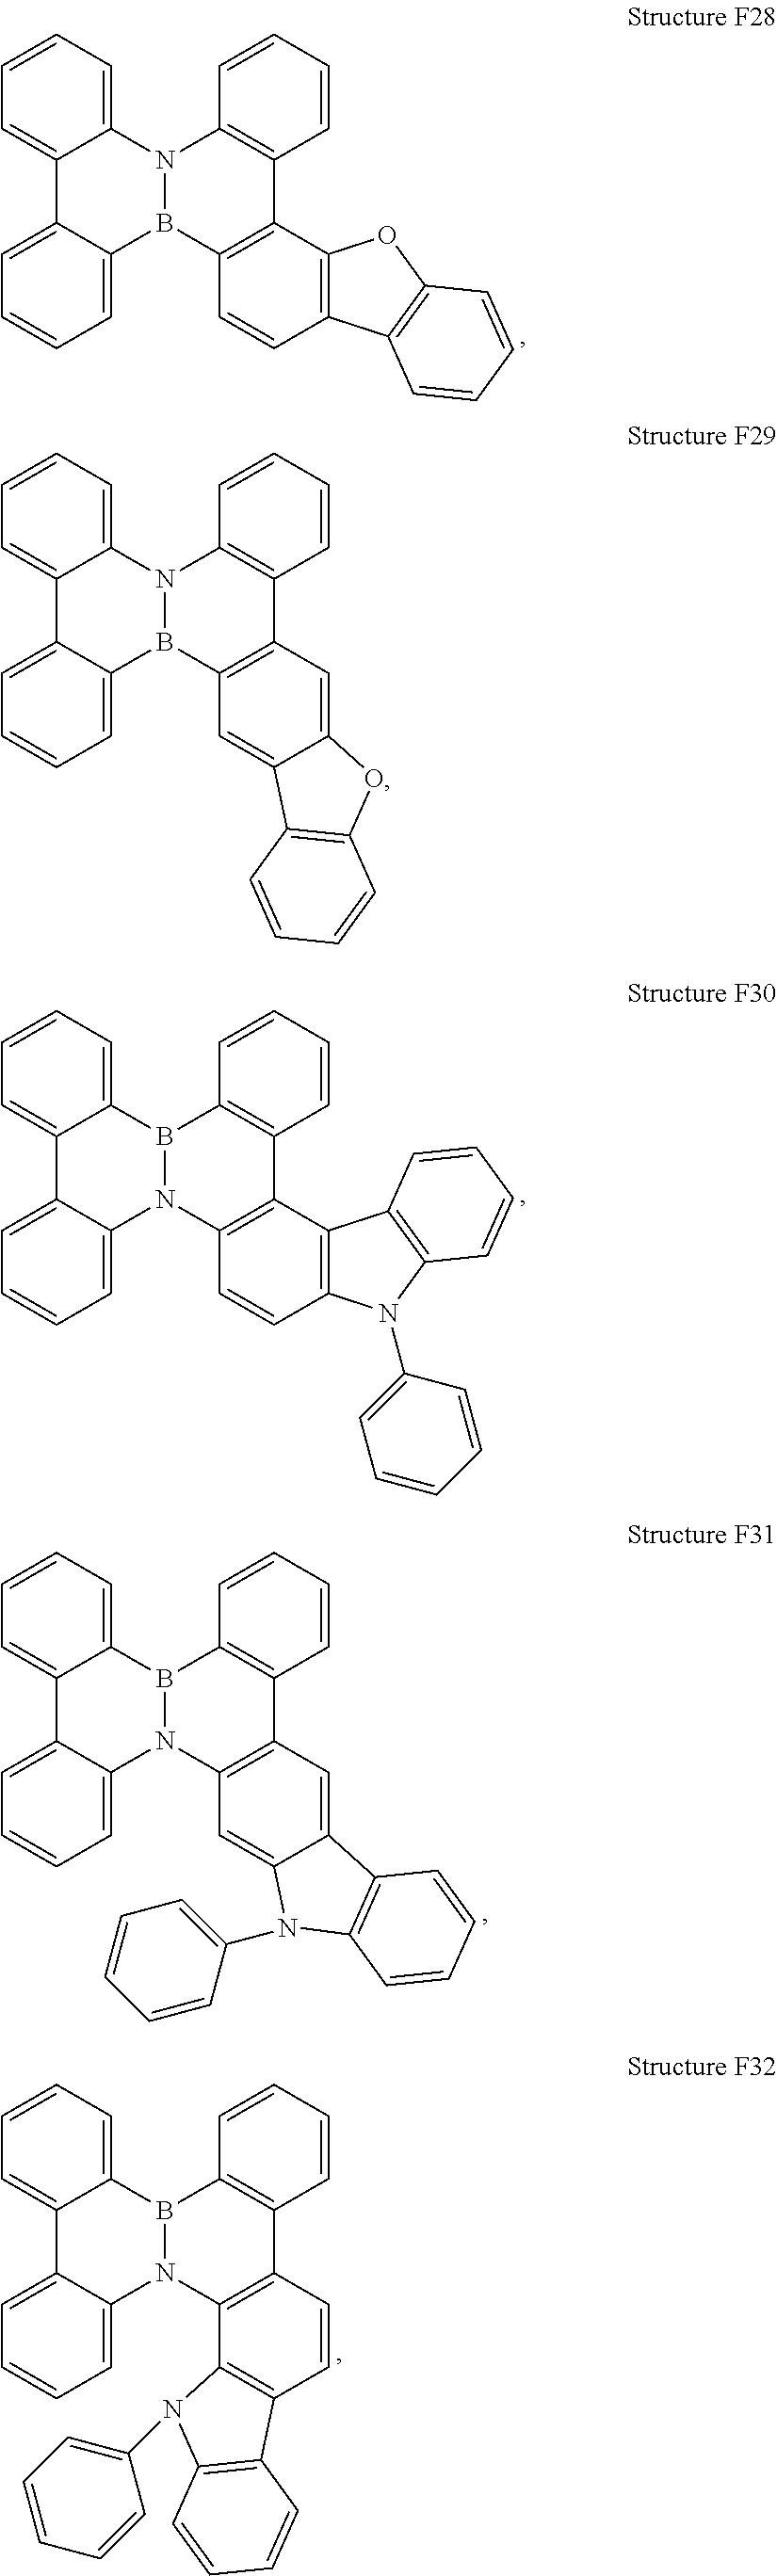 Figure US09871212-20180116-C00341